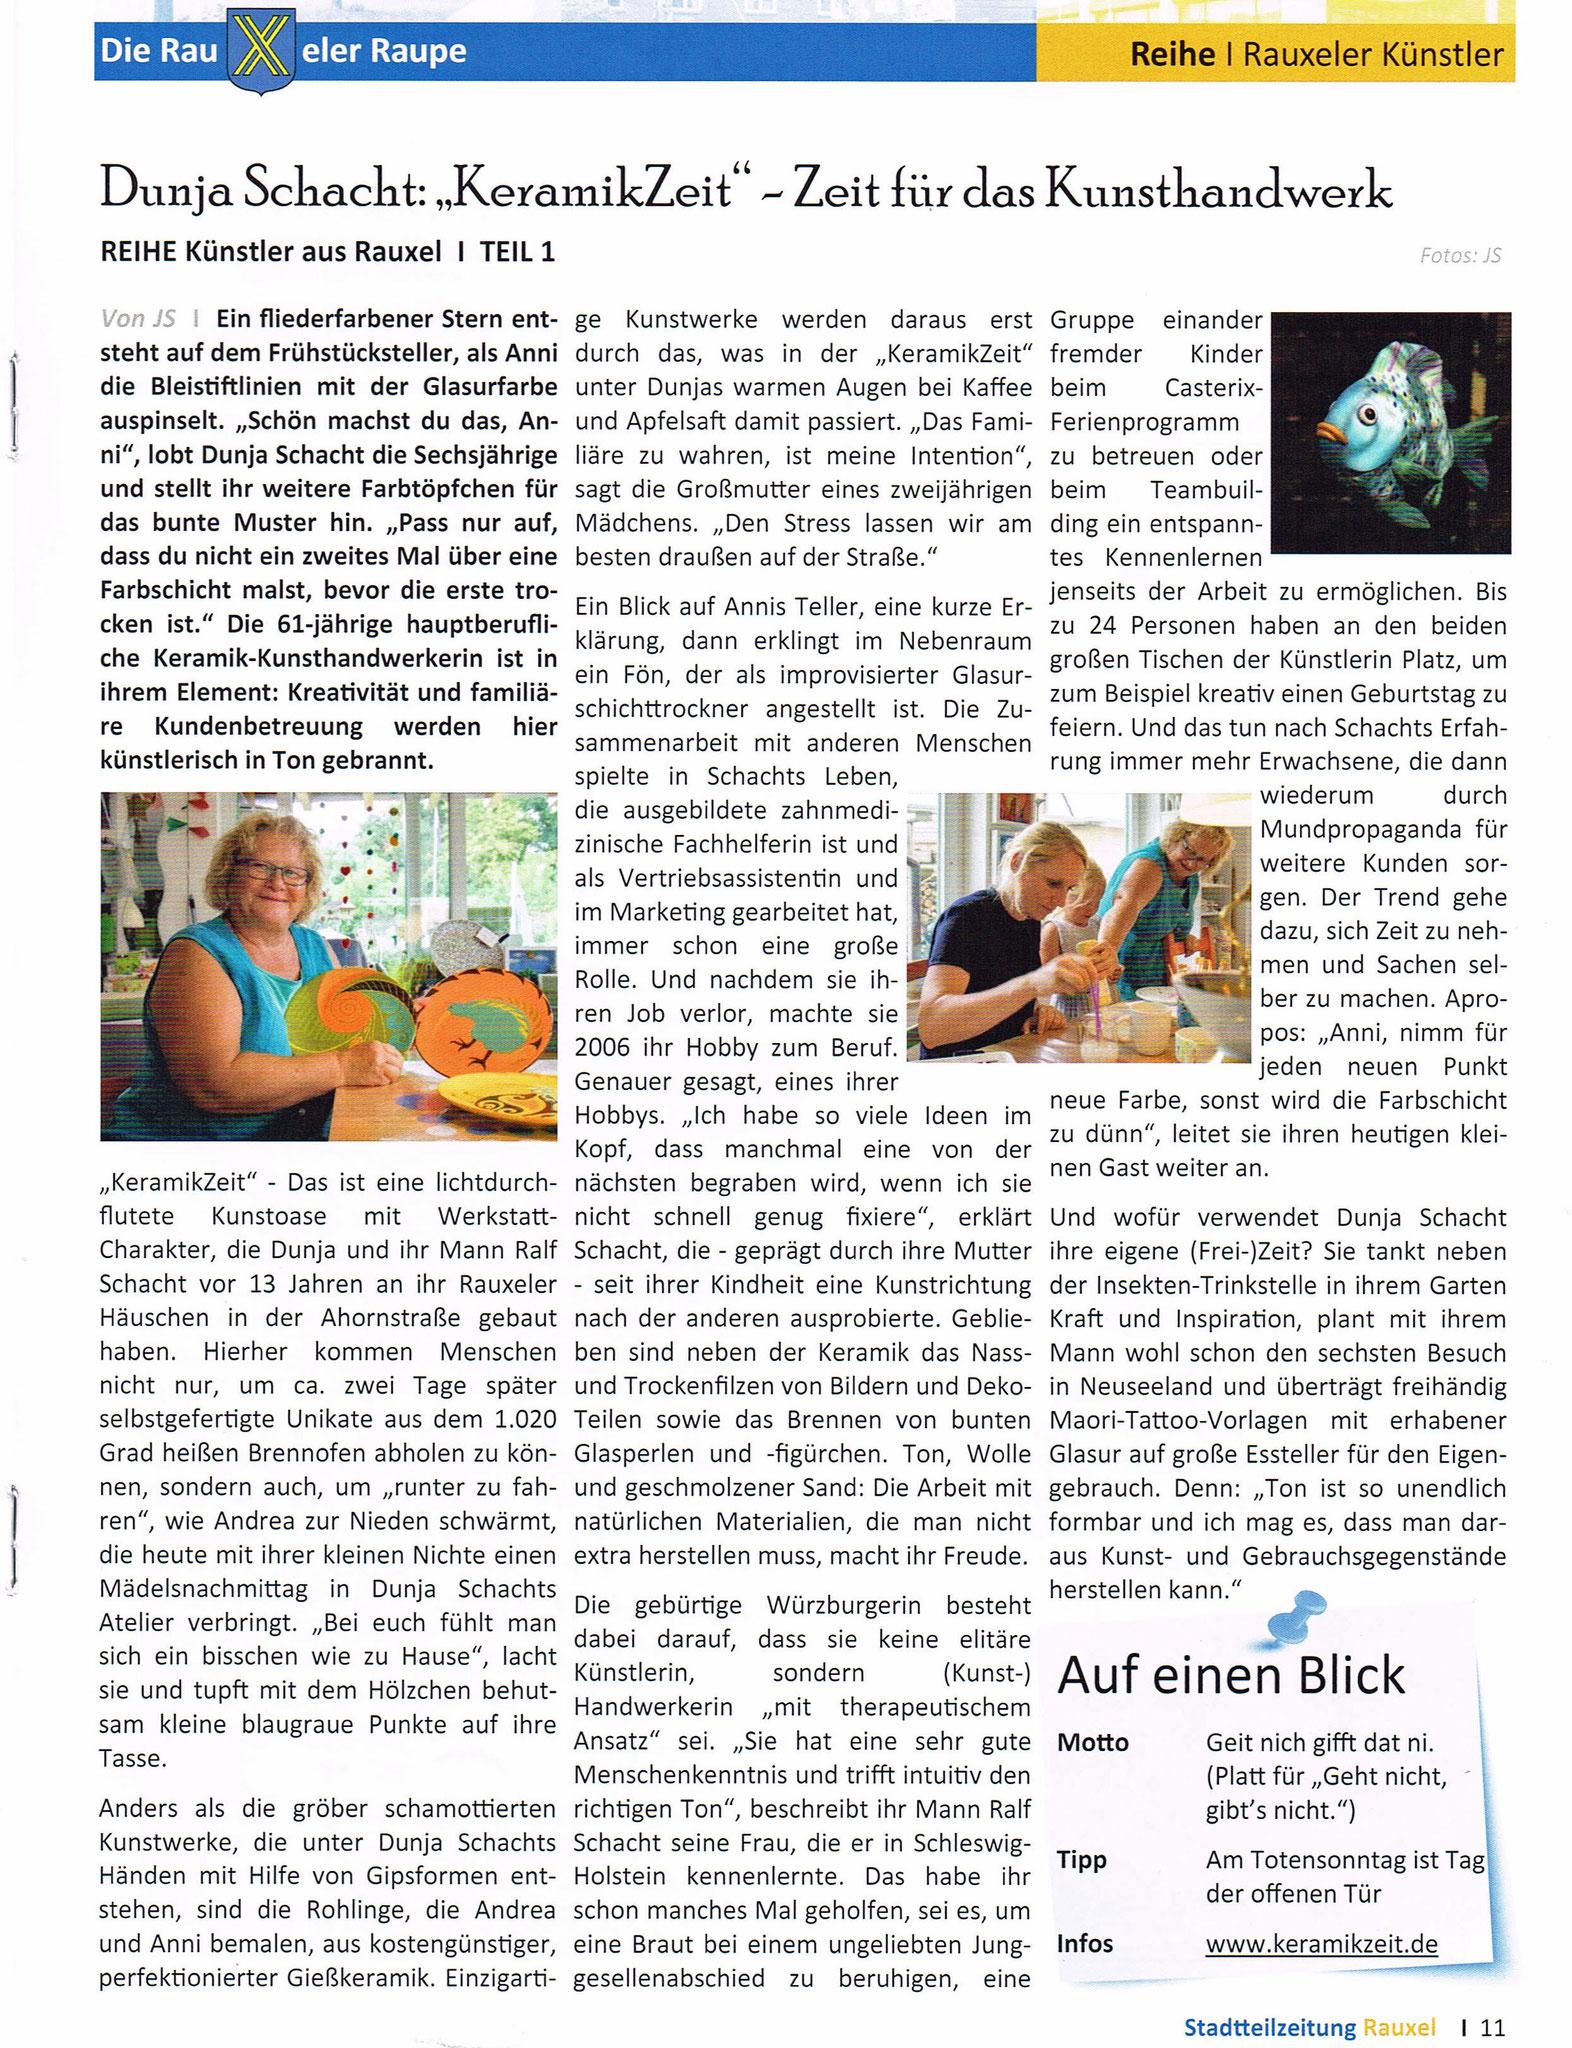 """Künstlerportrait Dunja Schacht / Keramikzeit in der Erstausgabe der Stadtteilzeitung """"Die Rauxeler Raupe"""" vom Oktober 2019 (Quelle)"""